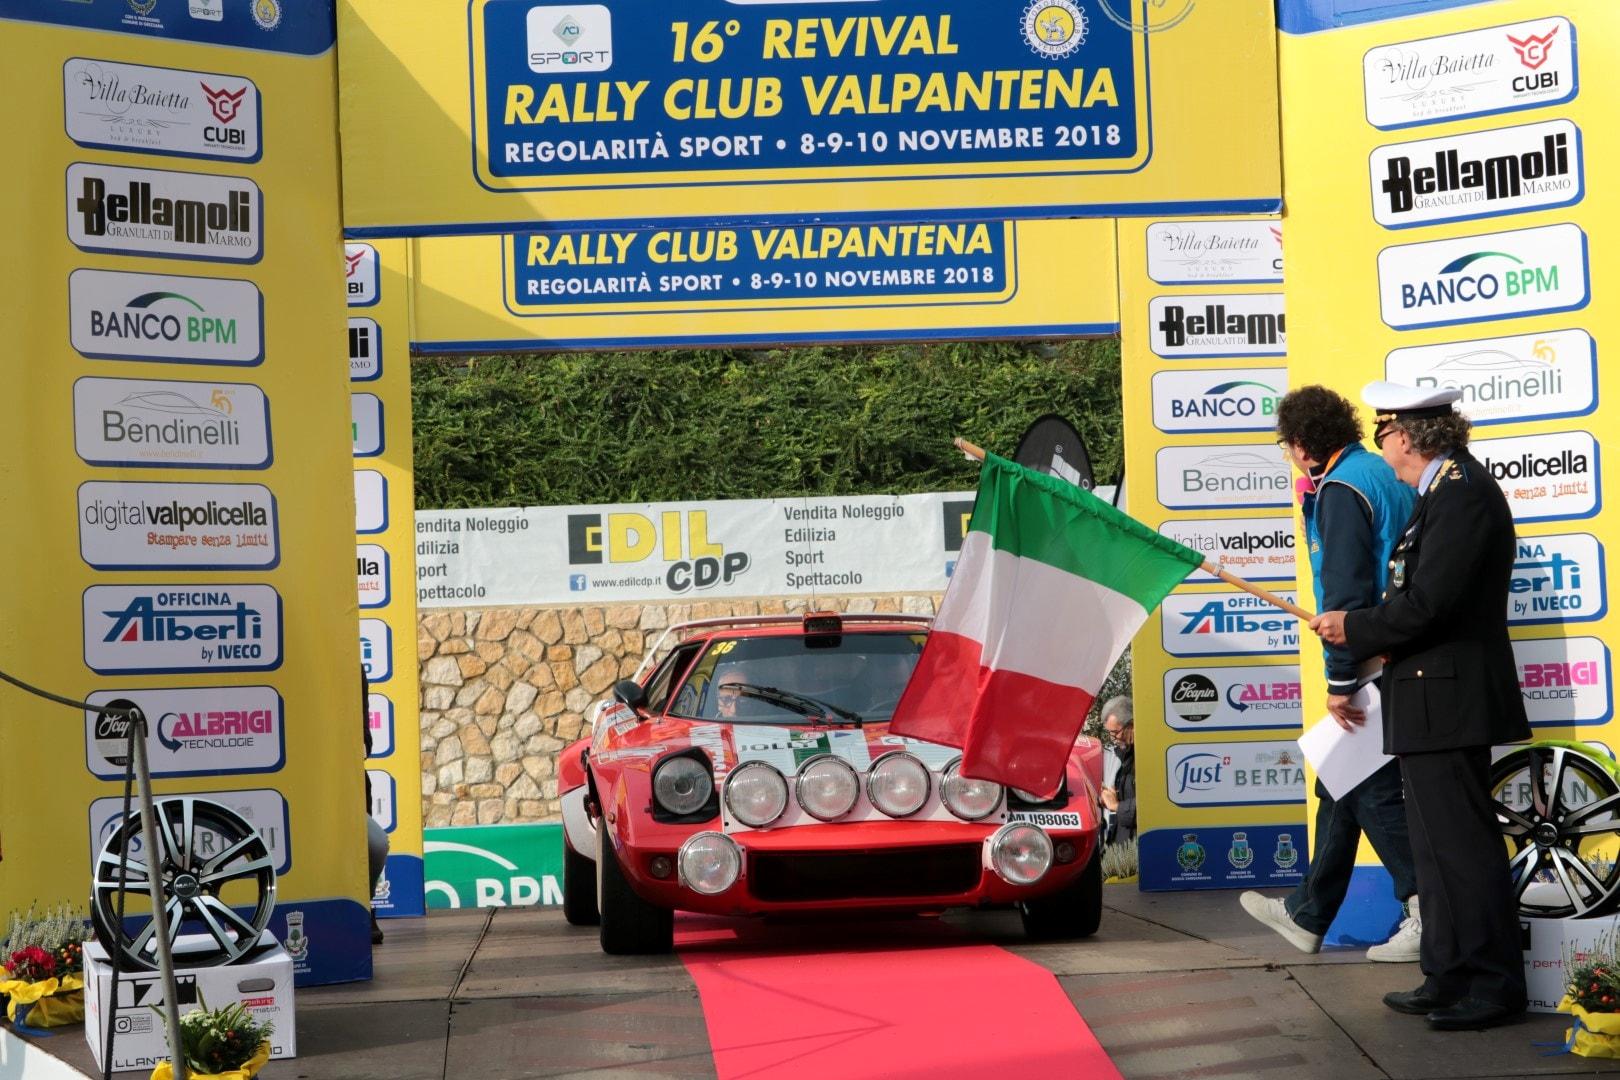 rally-club-valpantena-partenza-2018-2